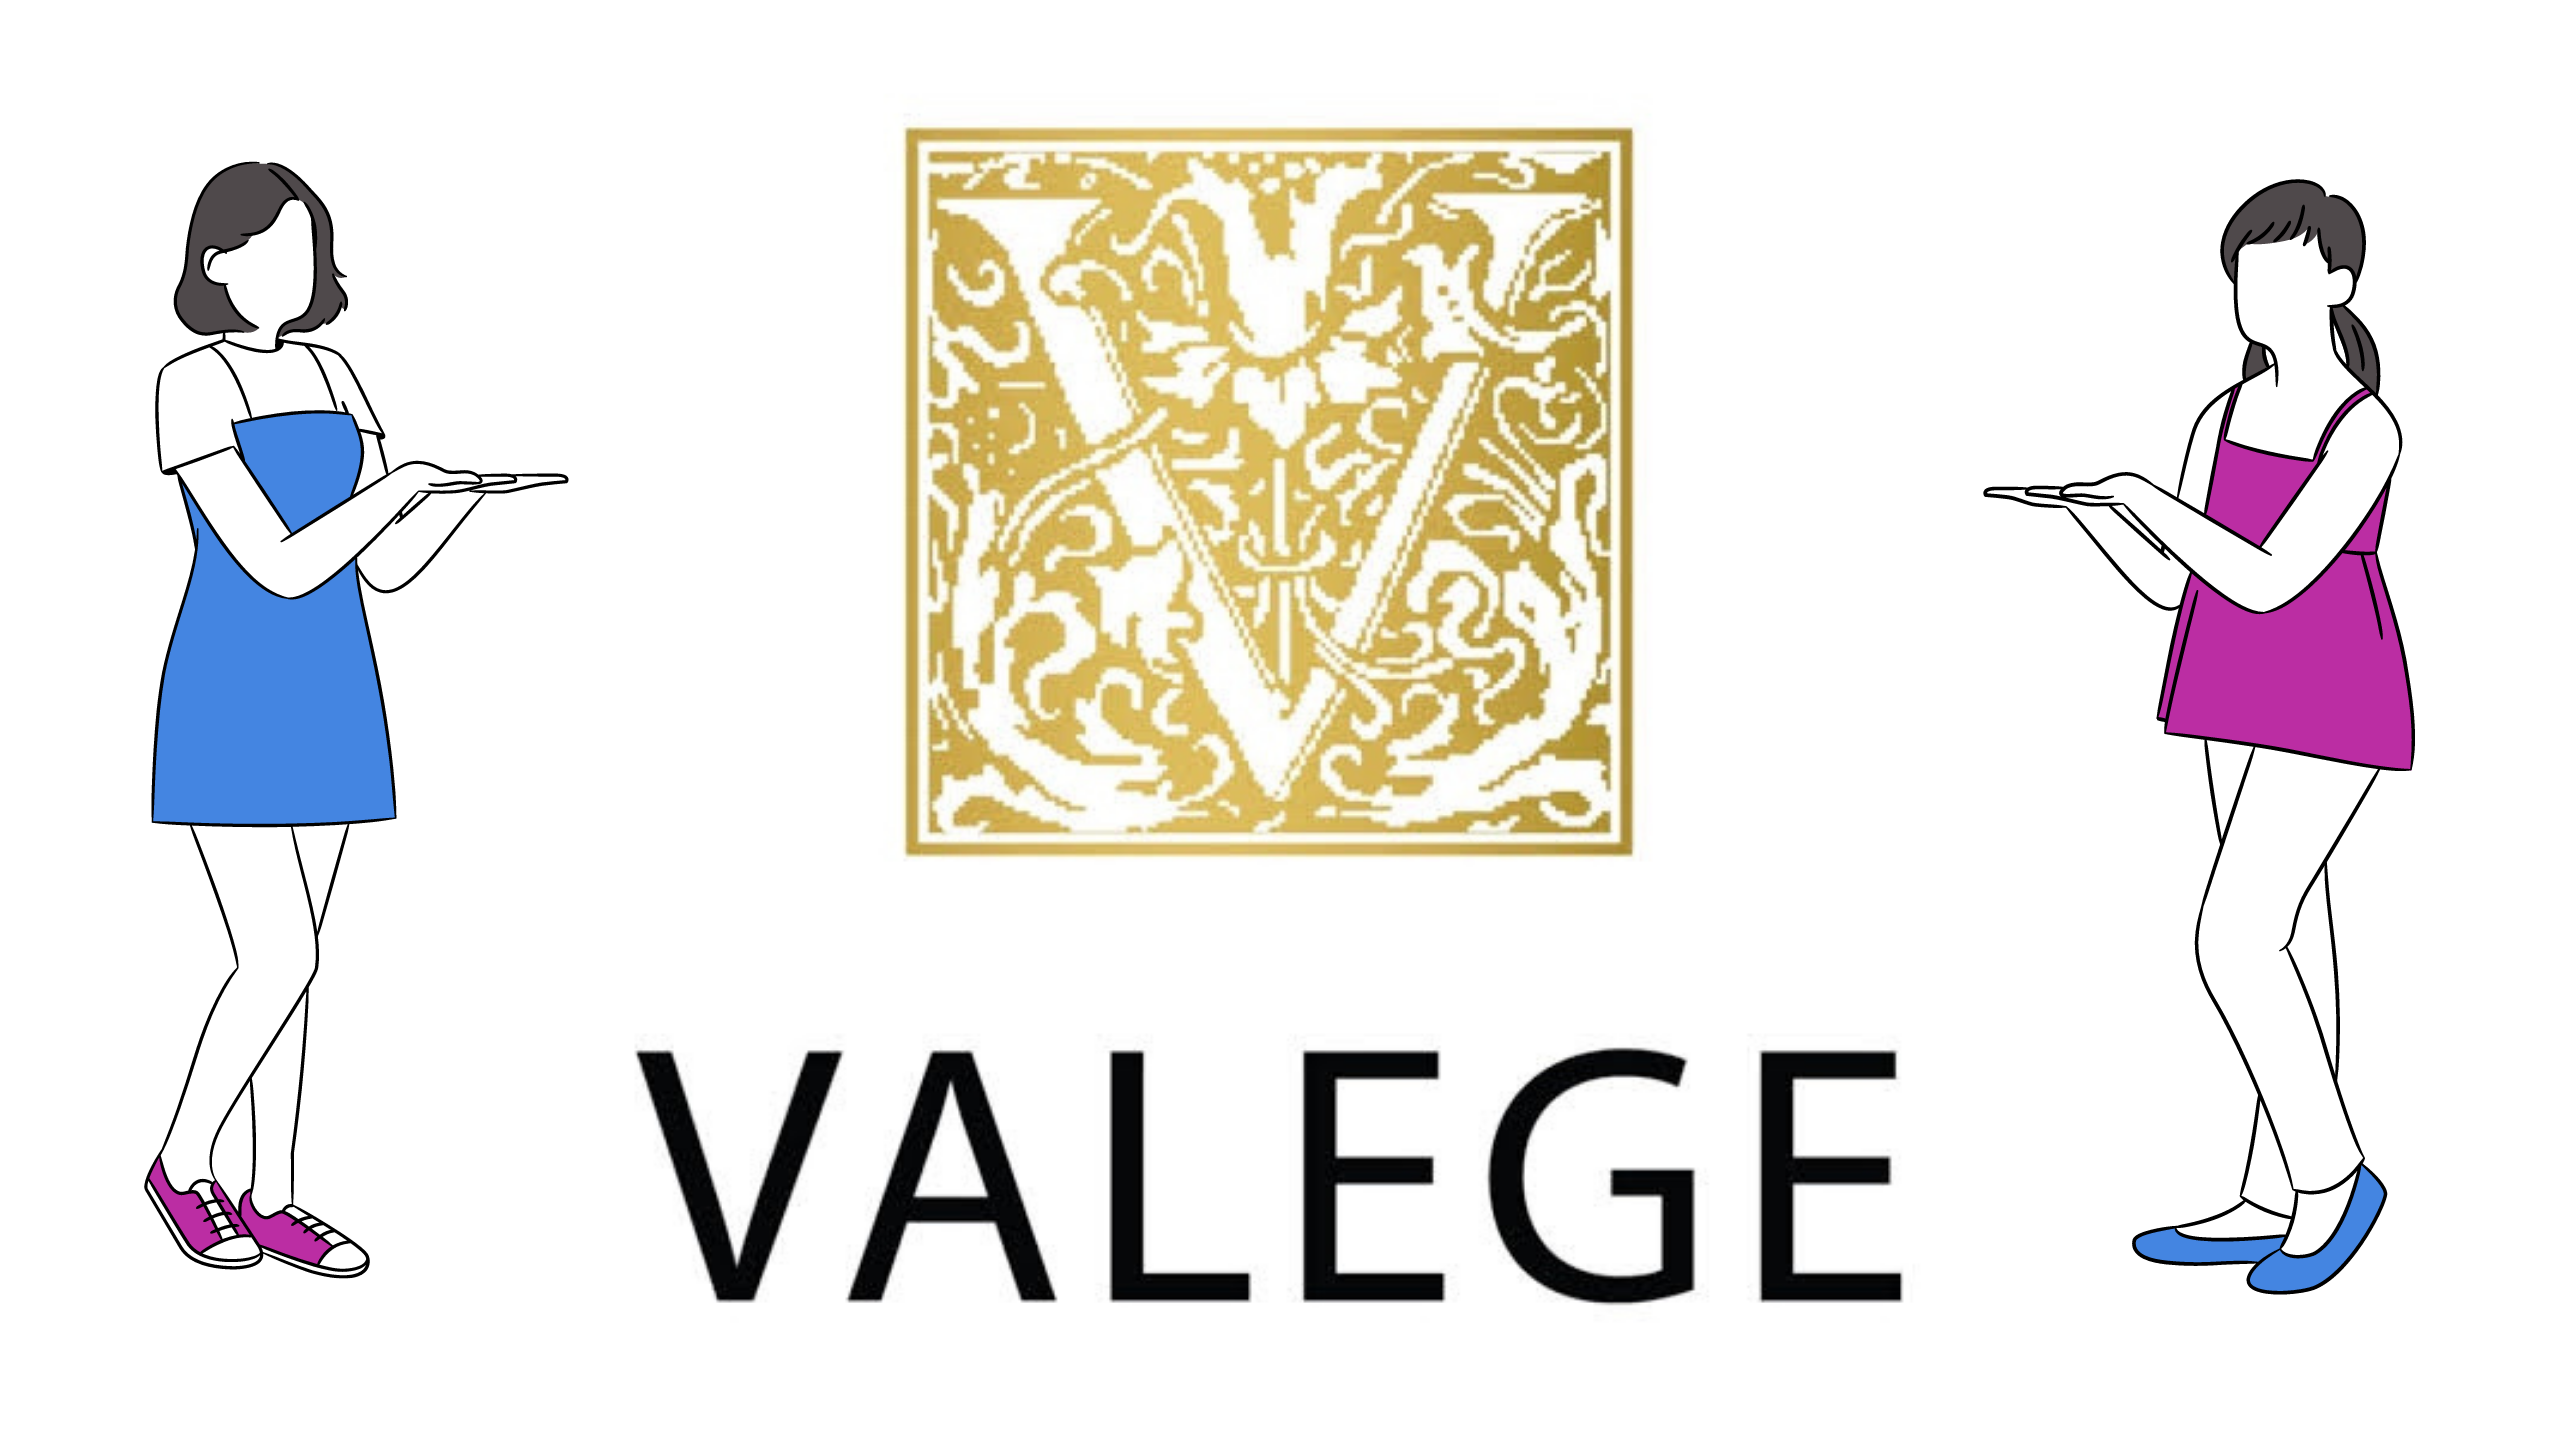 Valege cosmetic